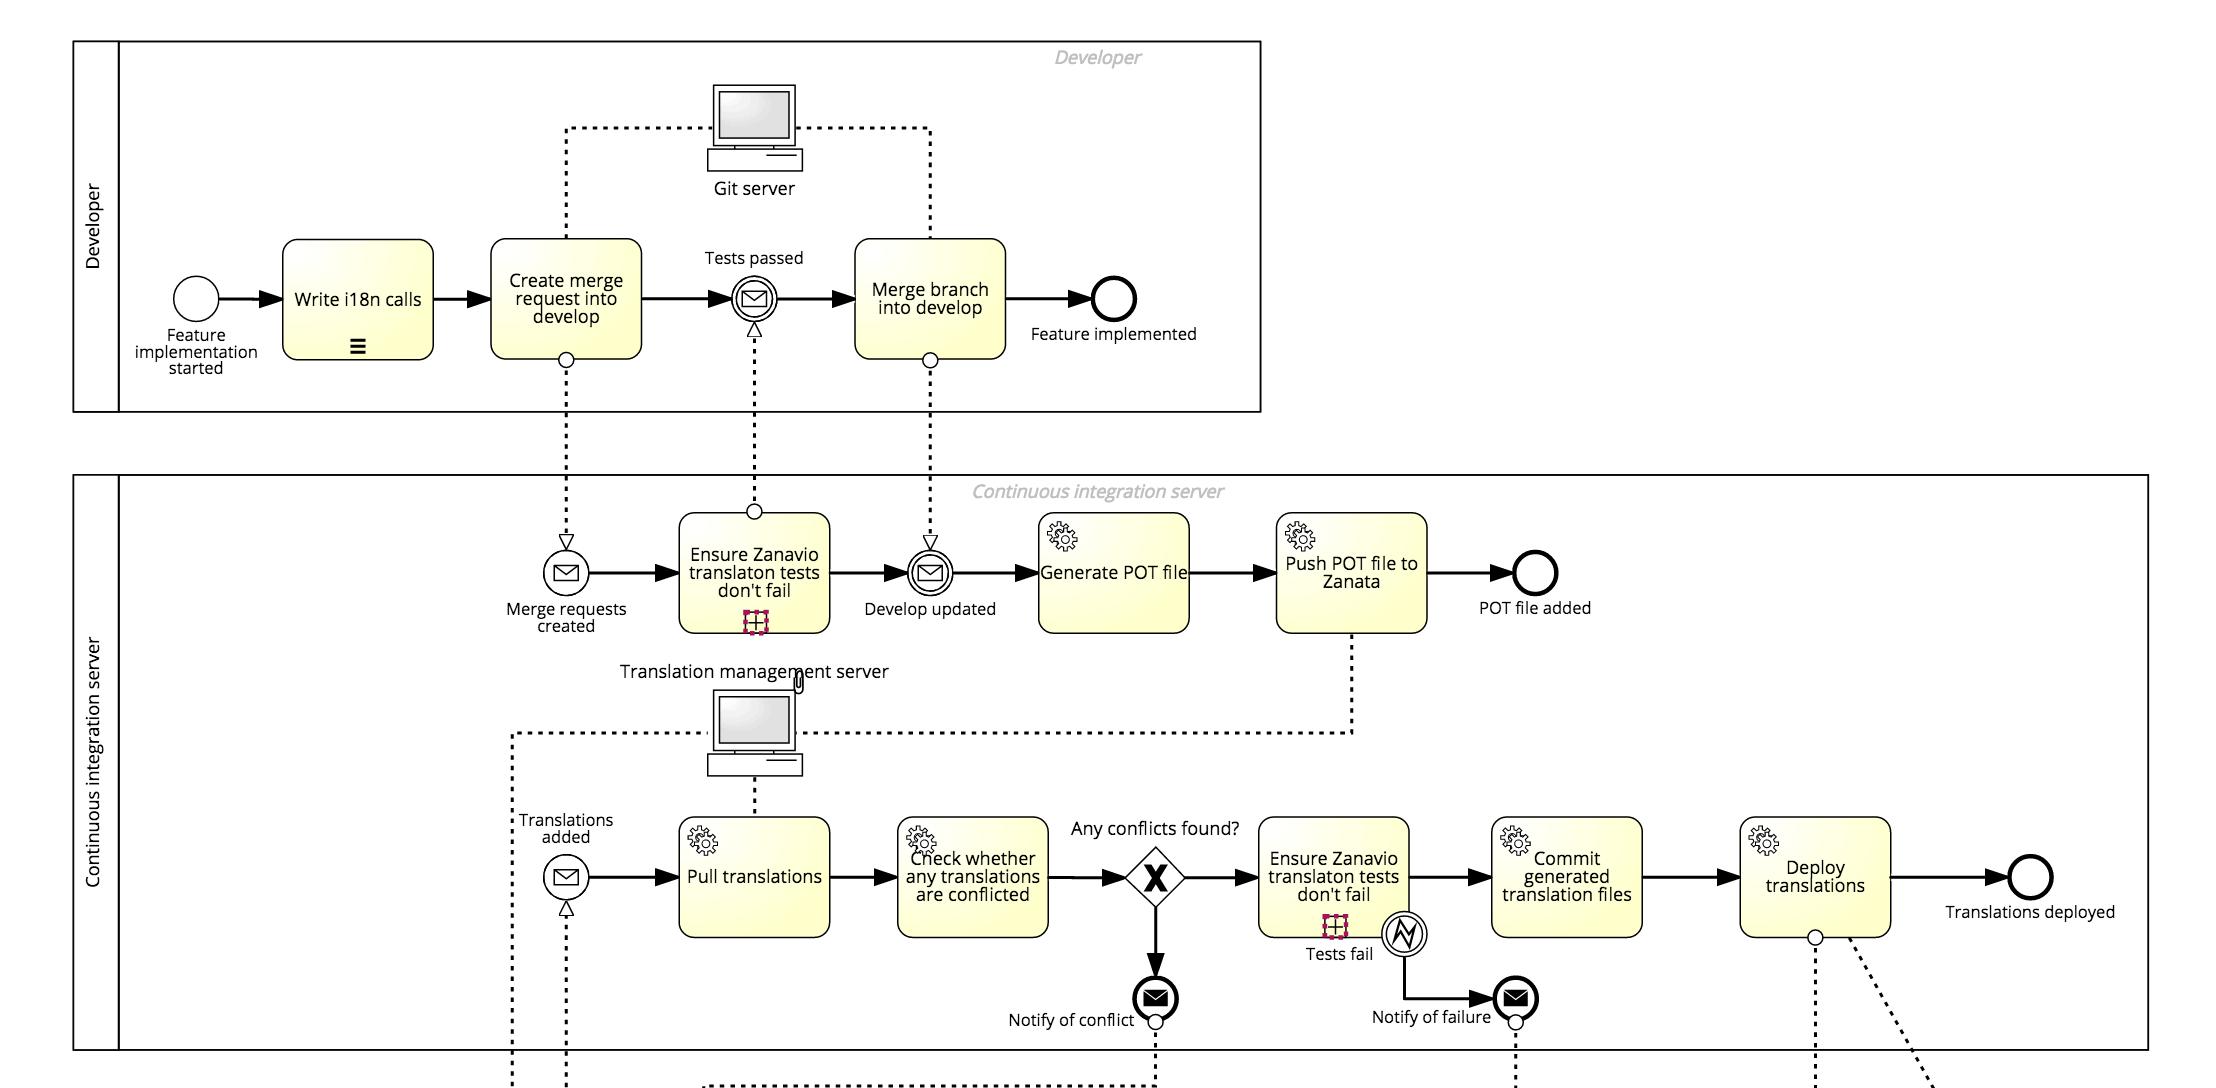 Enterprise Architecture: BPMN